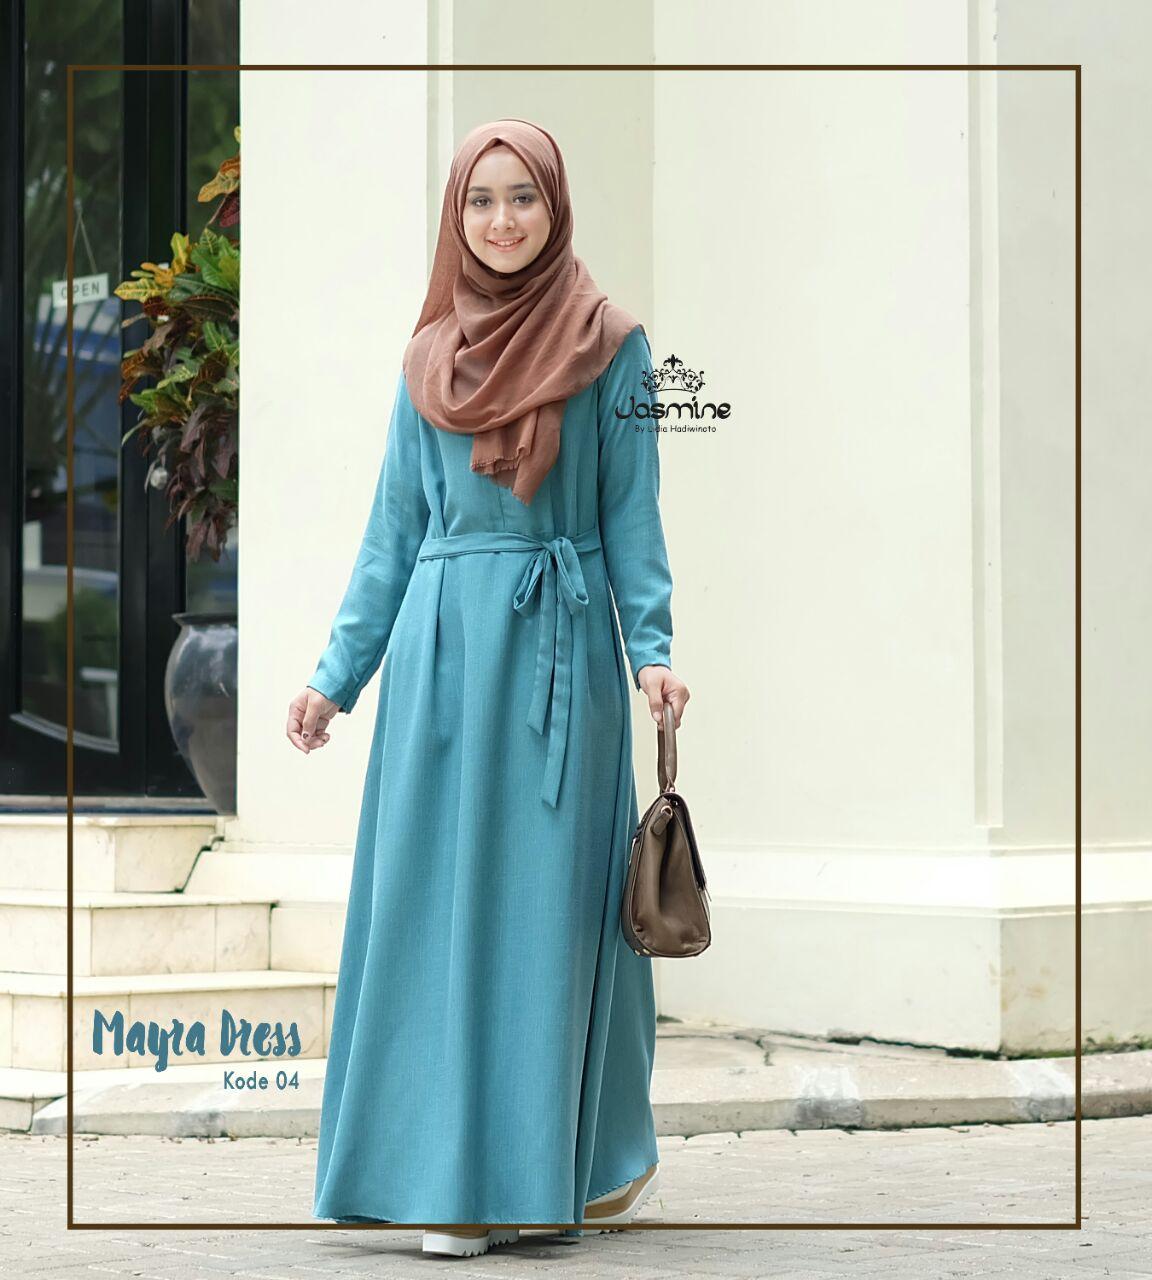 Gamis Jasmine Hijab Jasmine Gamis Mayra Dress